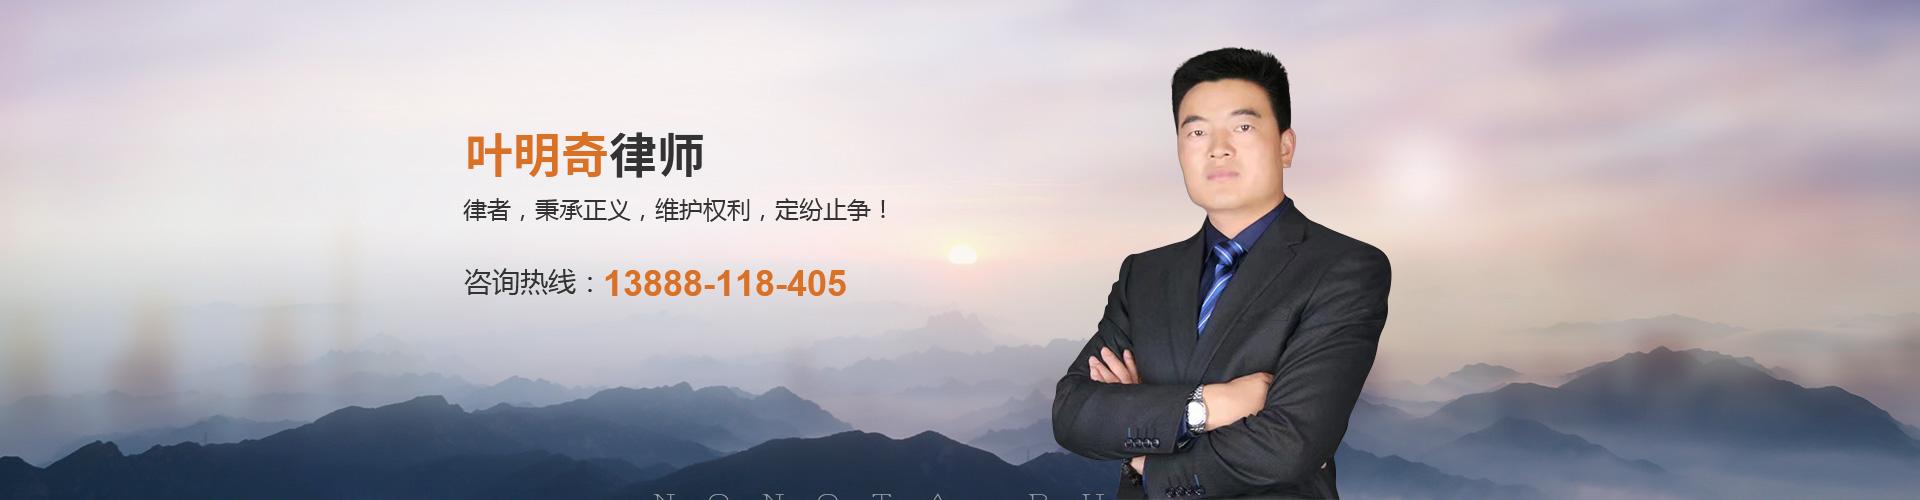 云南叶明奇律师